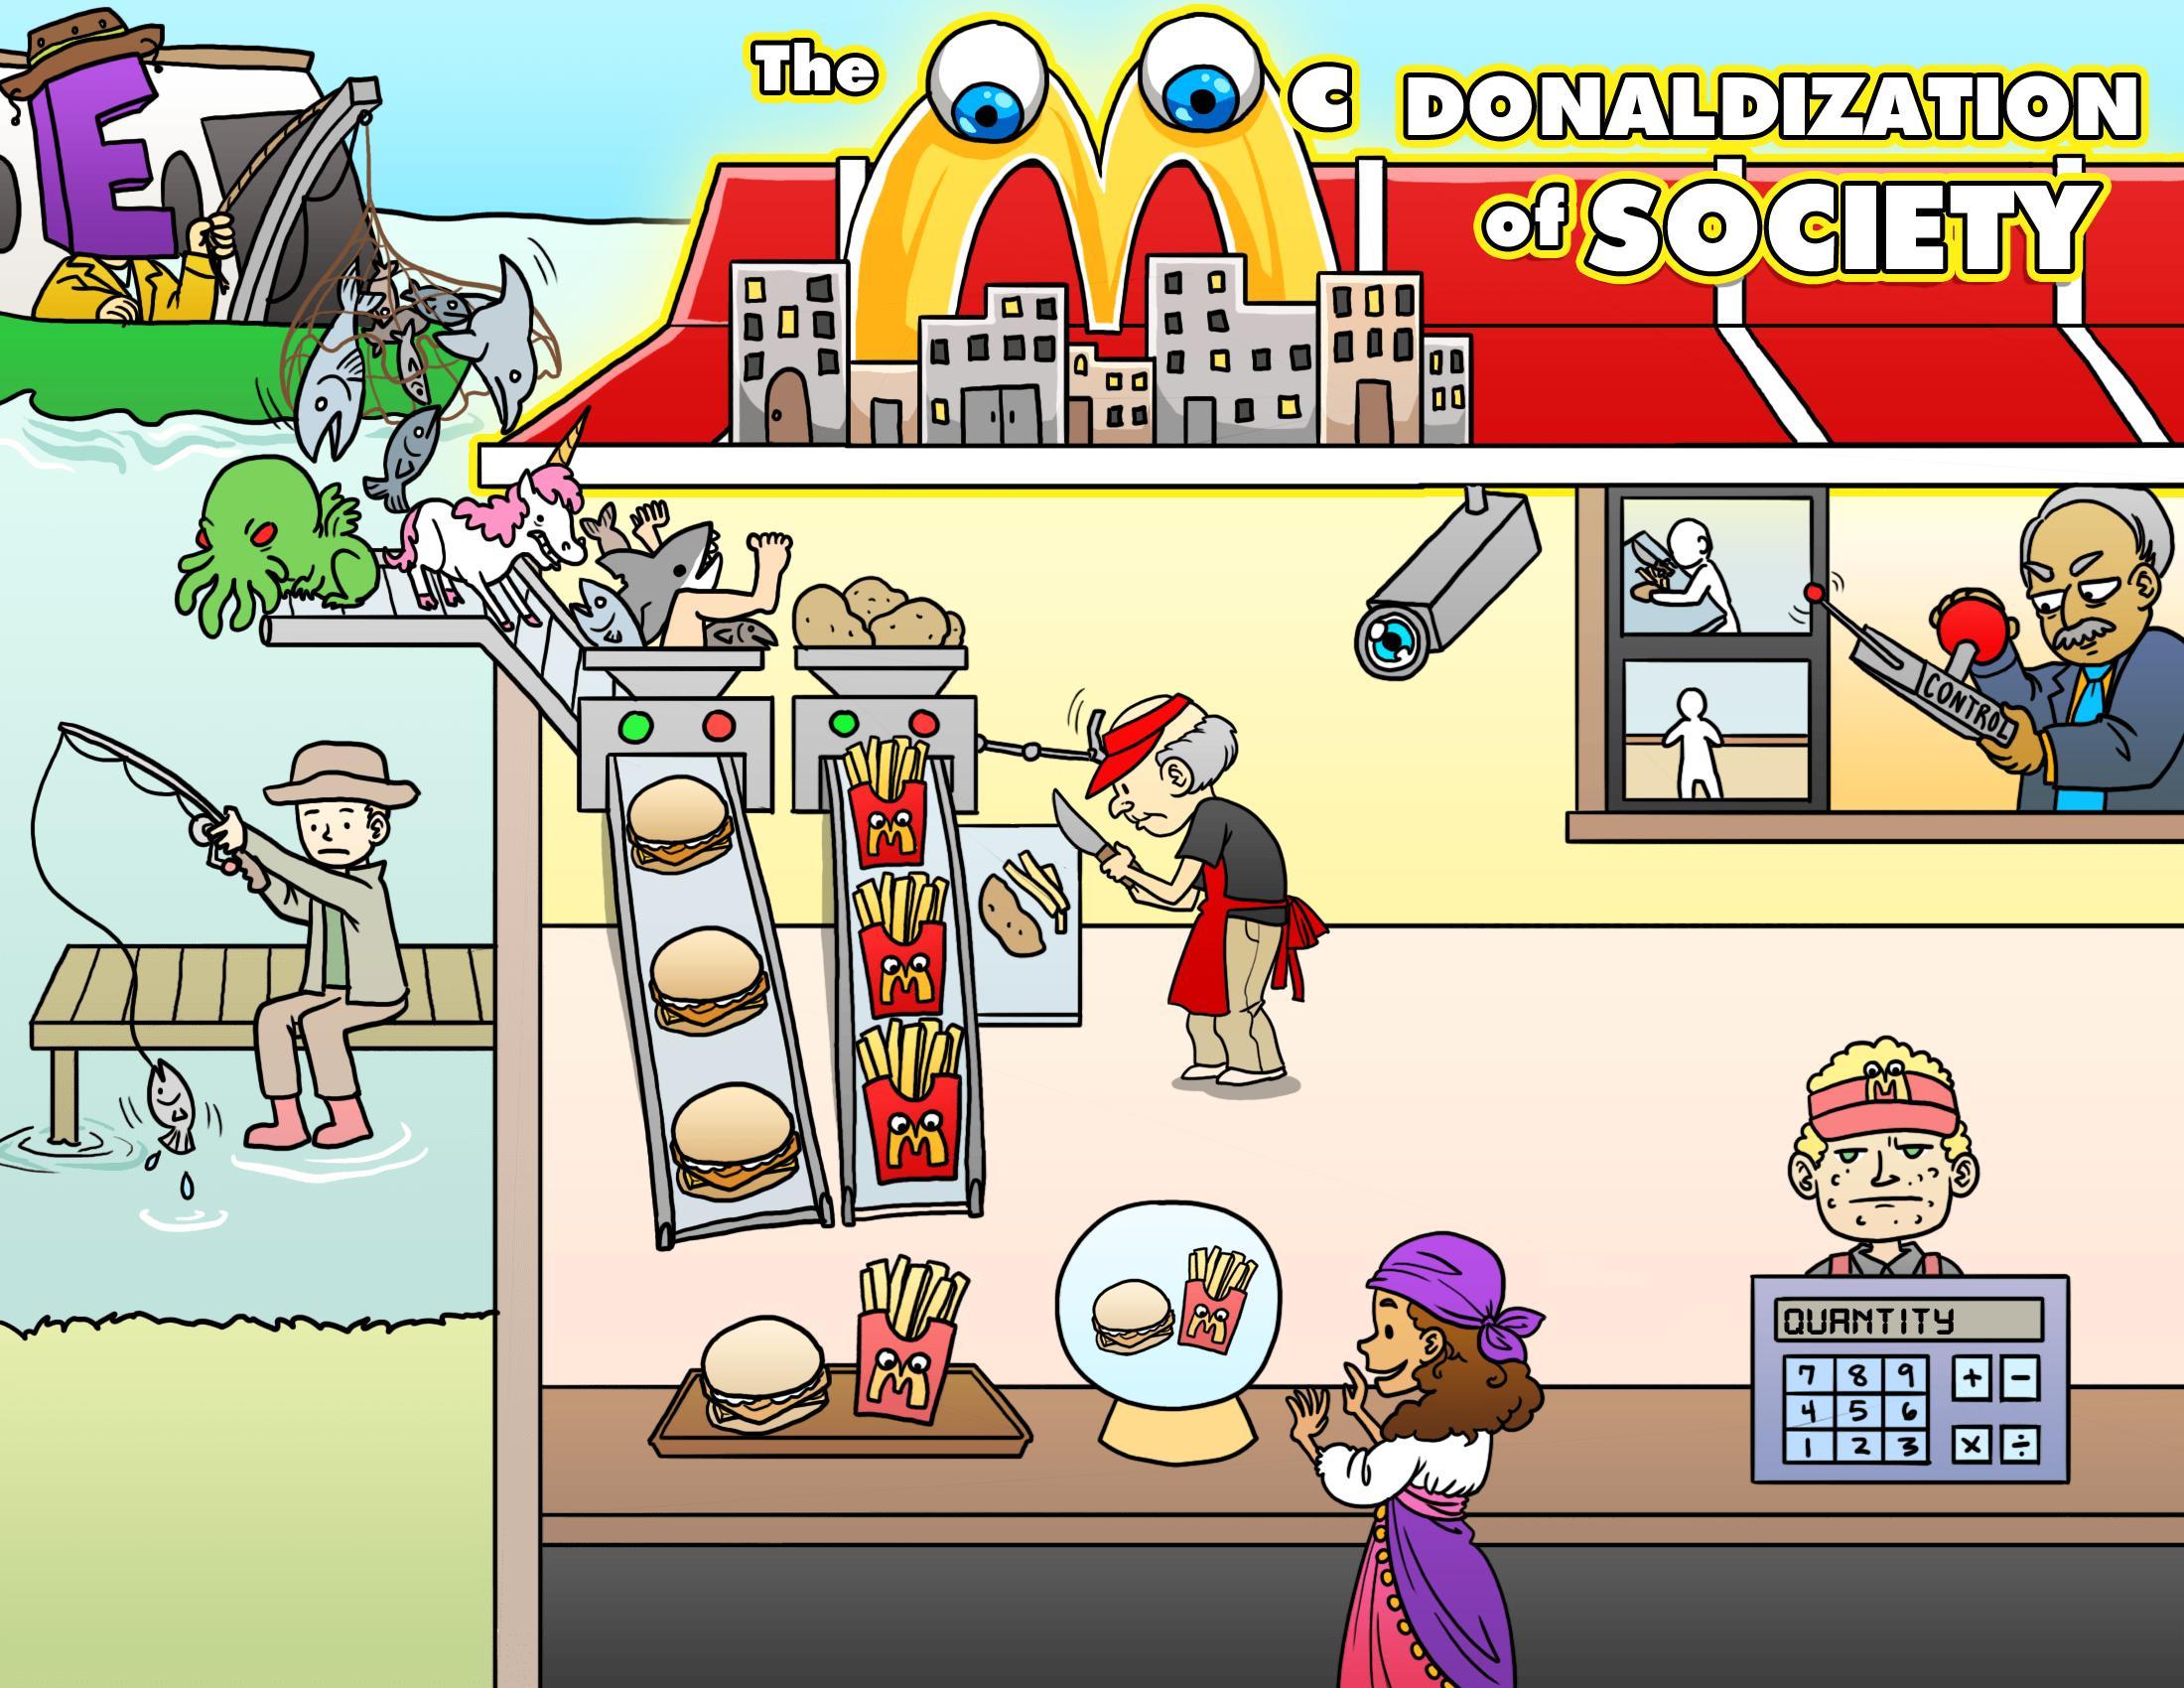 The McDonaldization of Society